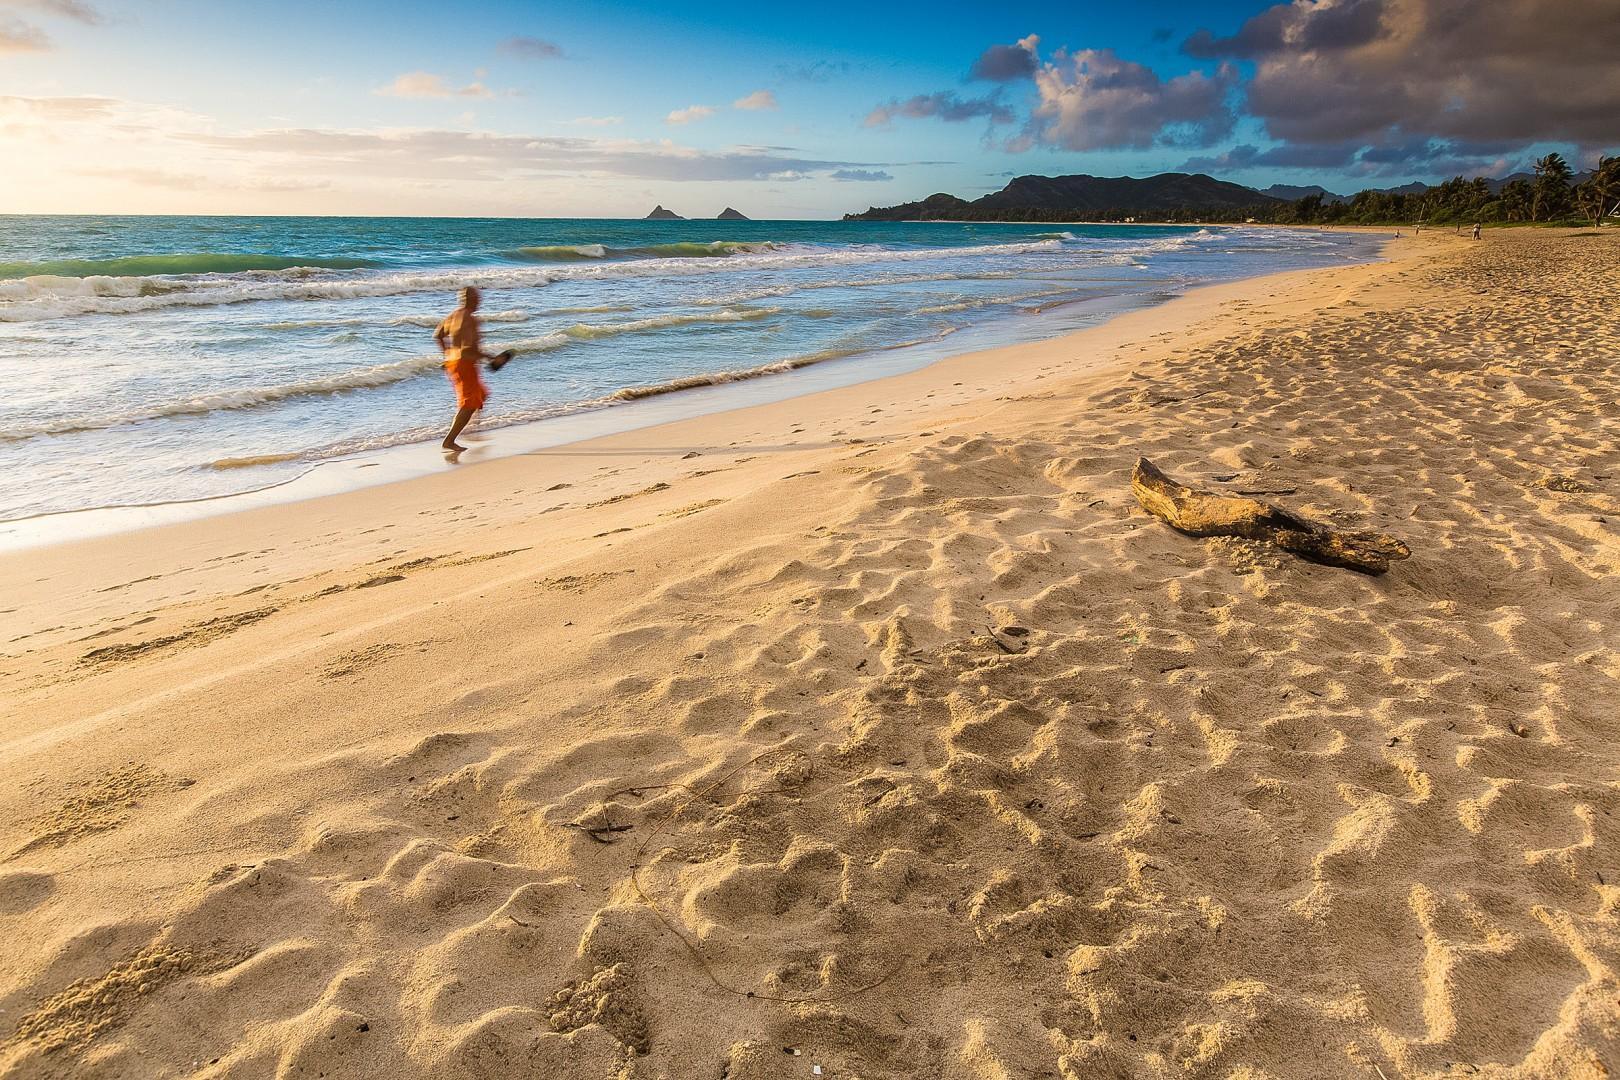 Nearby Kailua Beach.